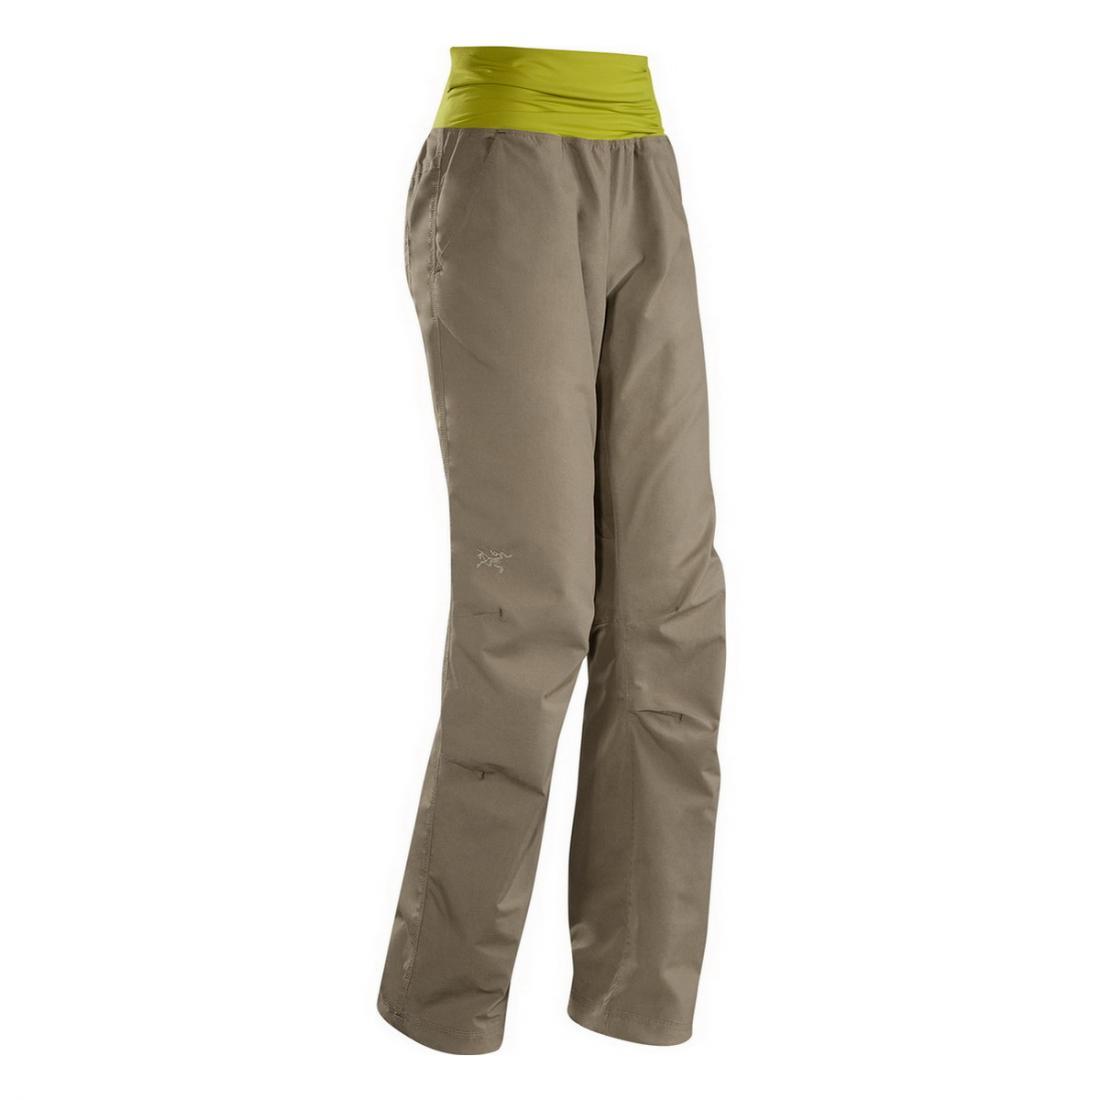 Брюки Emoji Pant жен.Брюки, штаны<br><br><br><br> Emoji Pant– широкие удобные брюки с высоким эластичным поясом. Это женская модель от компании Arcteryx привлекает внимание любительниц ...<br><br>Цвет: Серый<br>Размер: 6